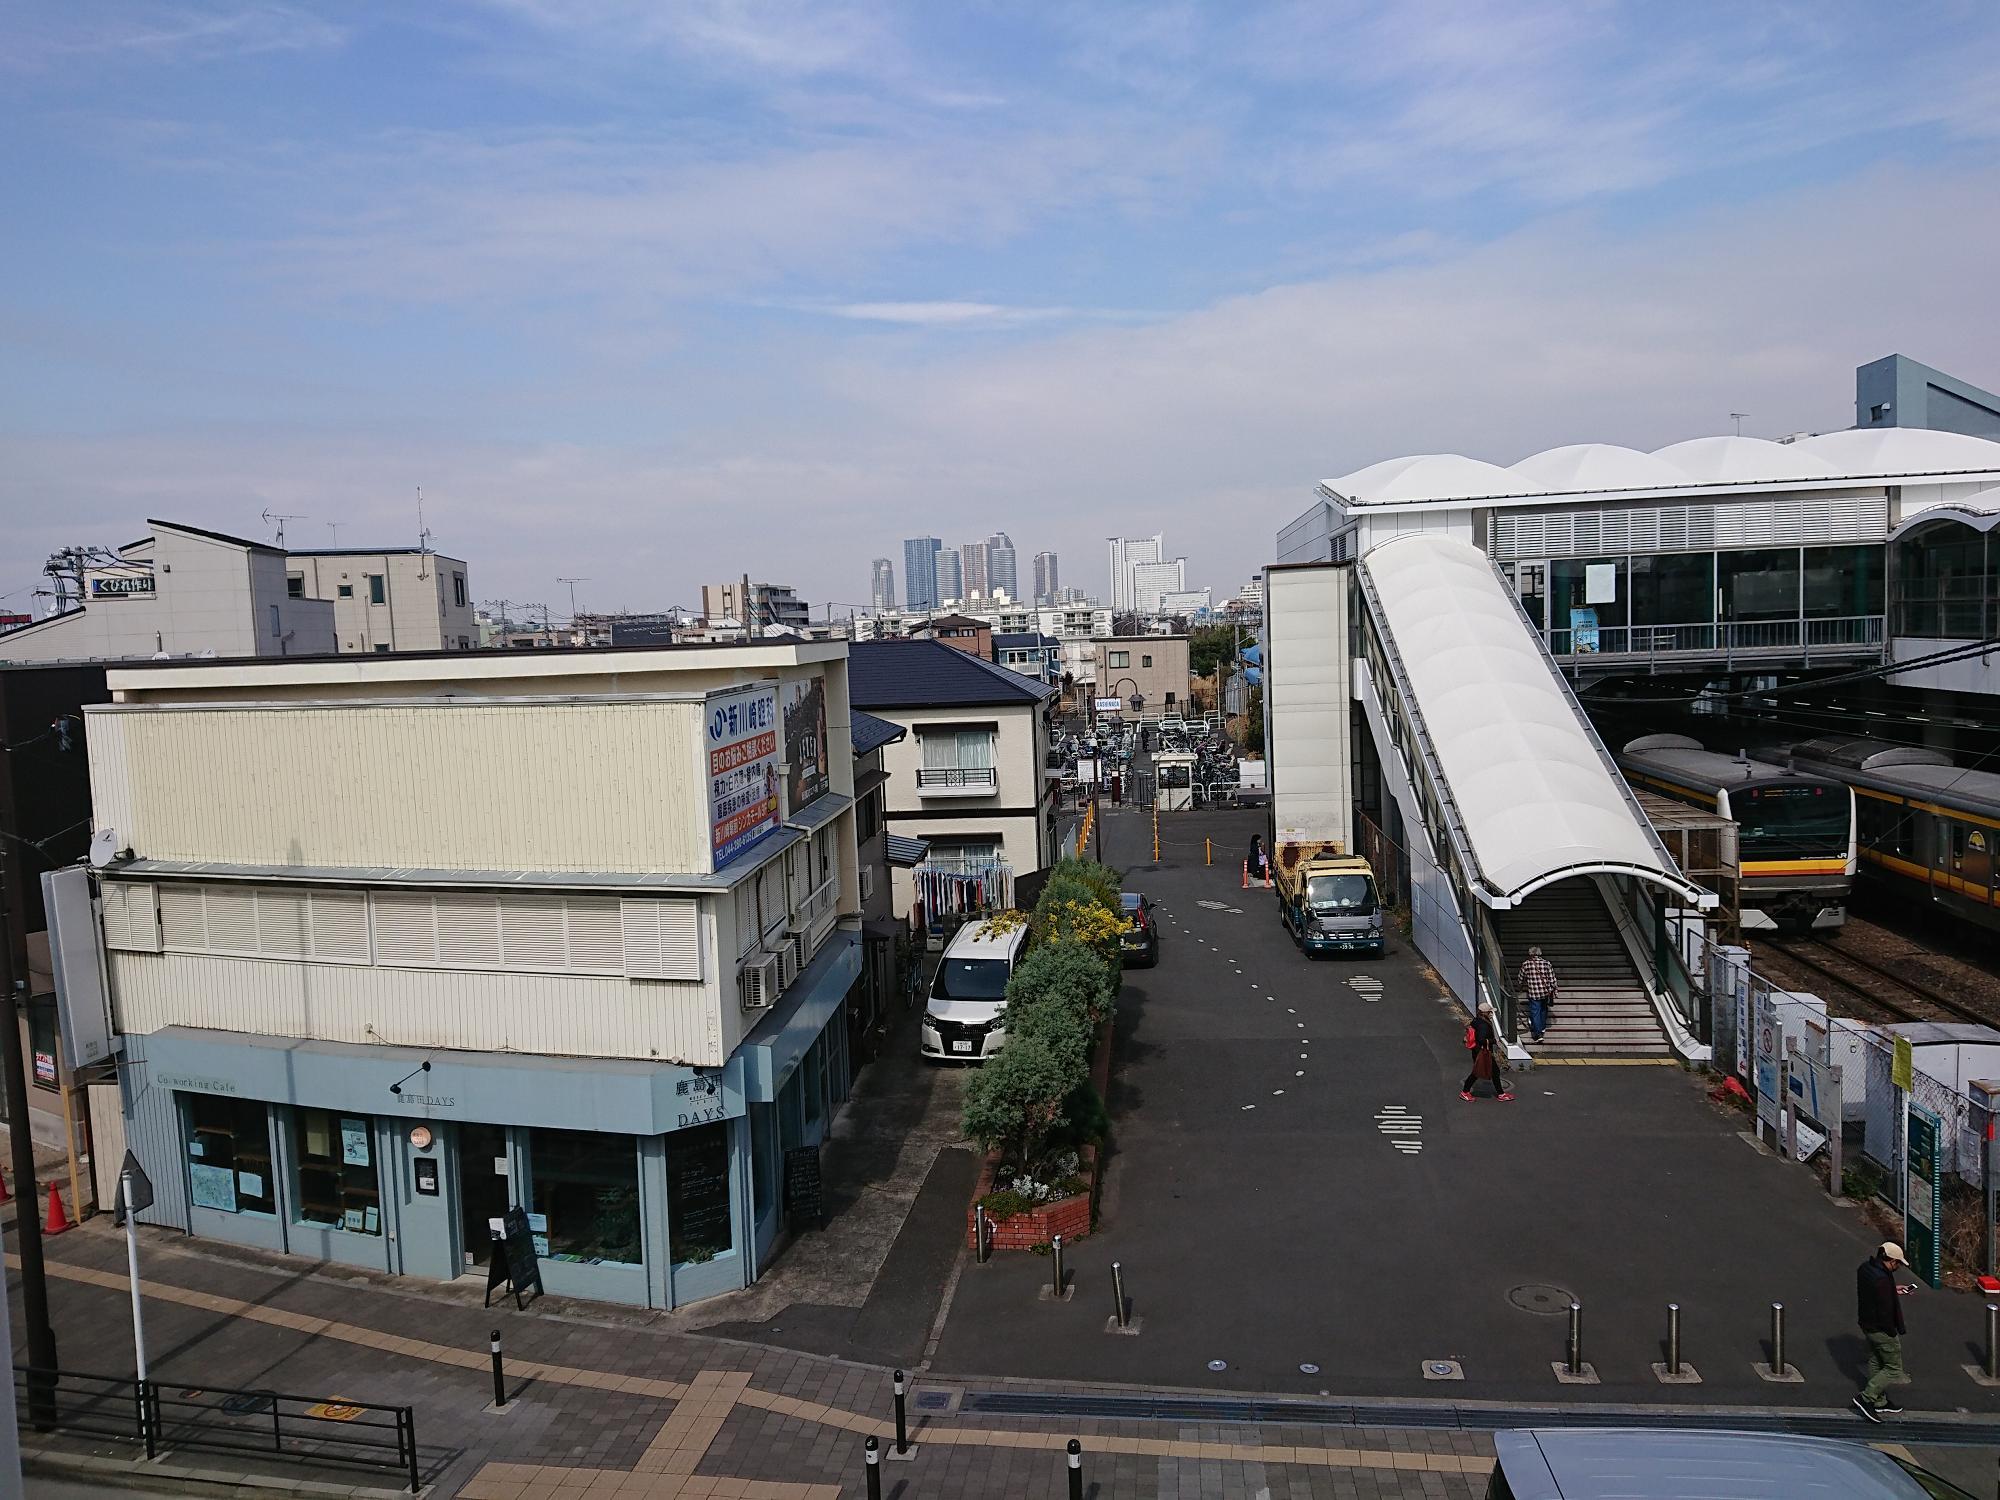 JR南武線・鹿島田駅とJR横須賀線・新川崎駅を結ぶペデストリアンデッキから撮影。奥には武蔵小杉の高層マンション群が見えます。